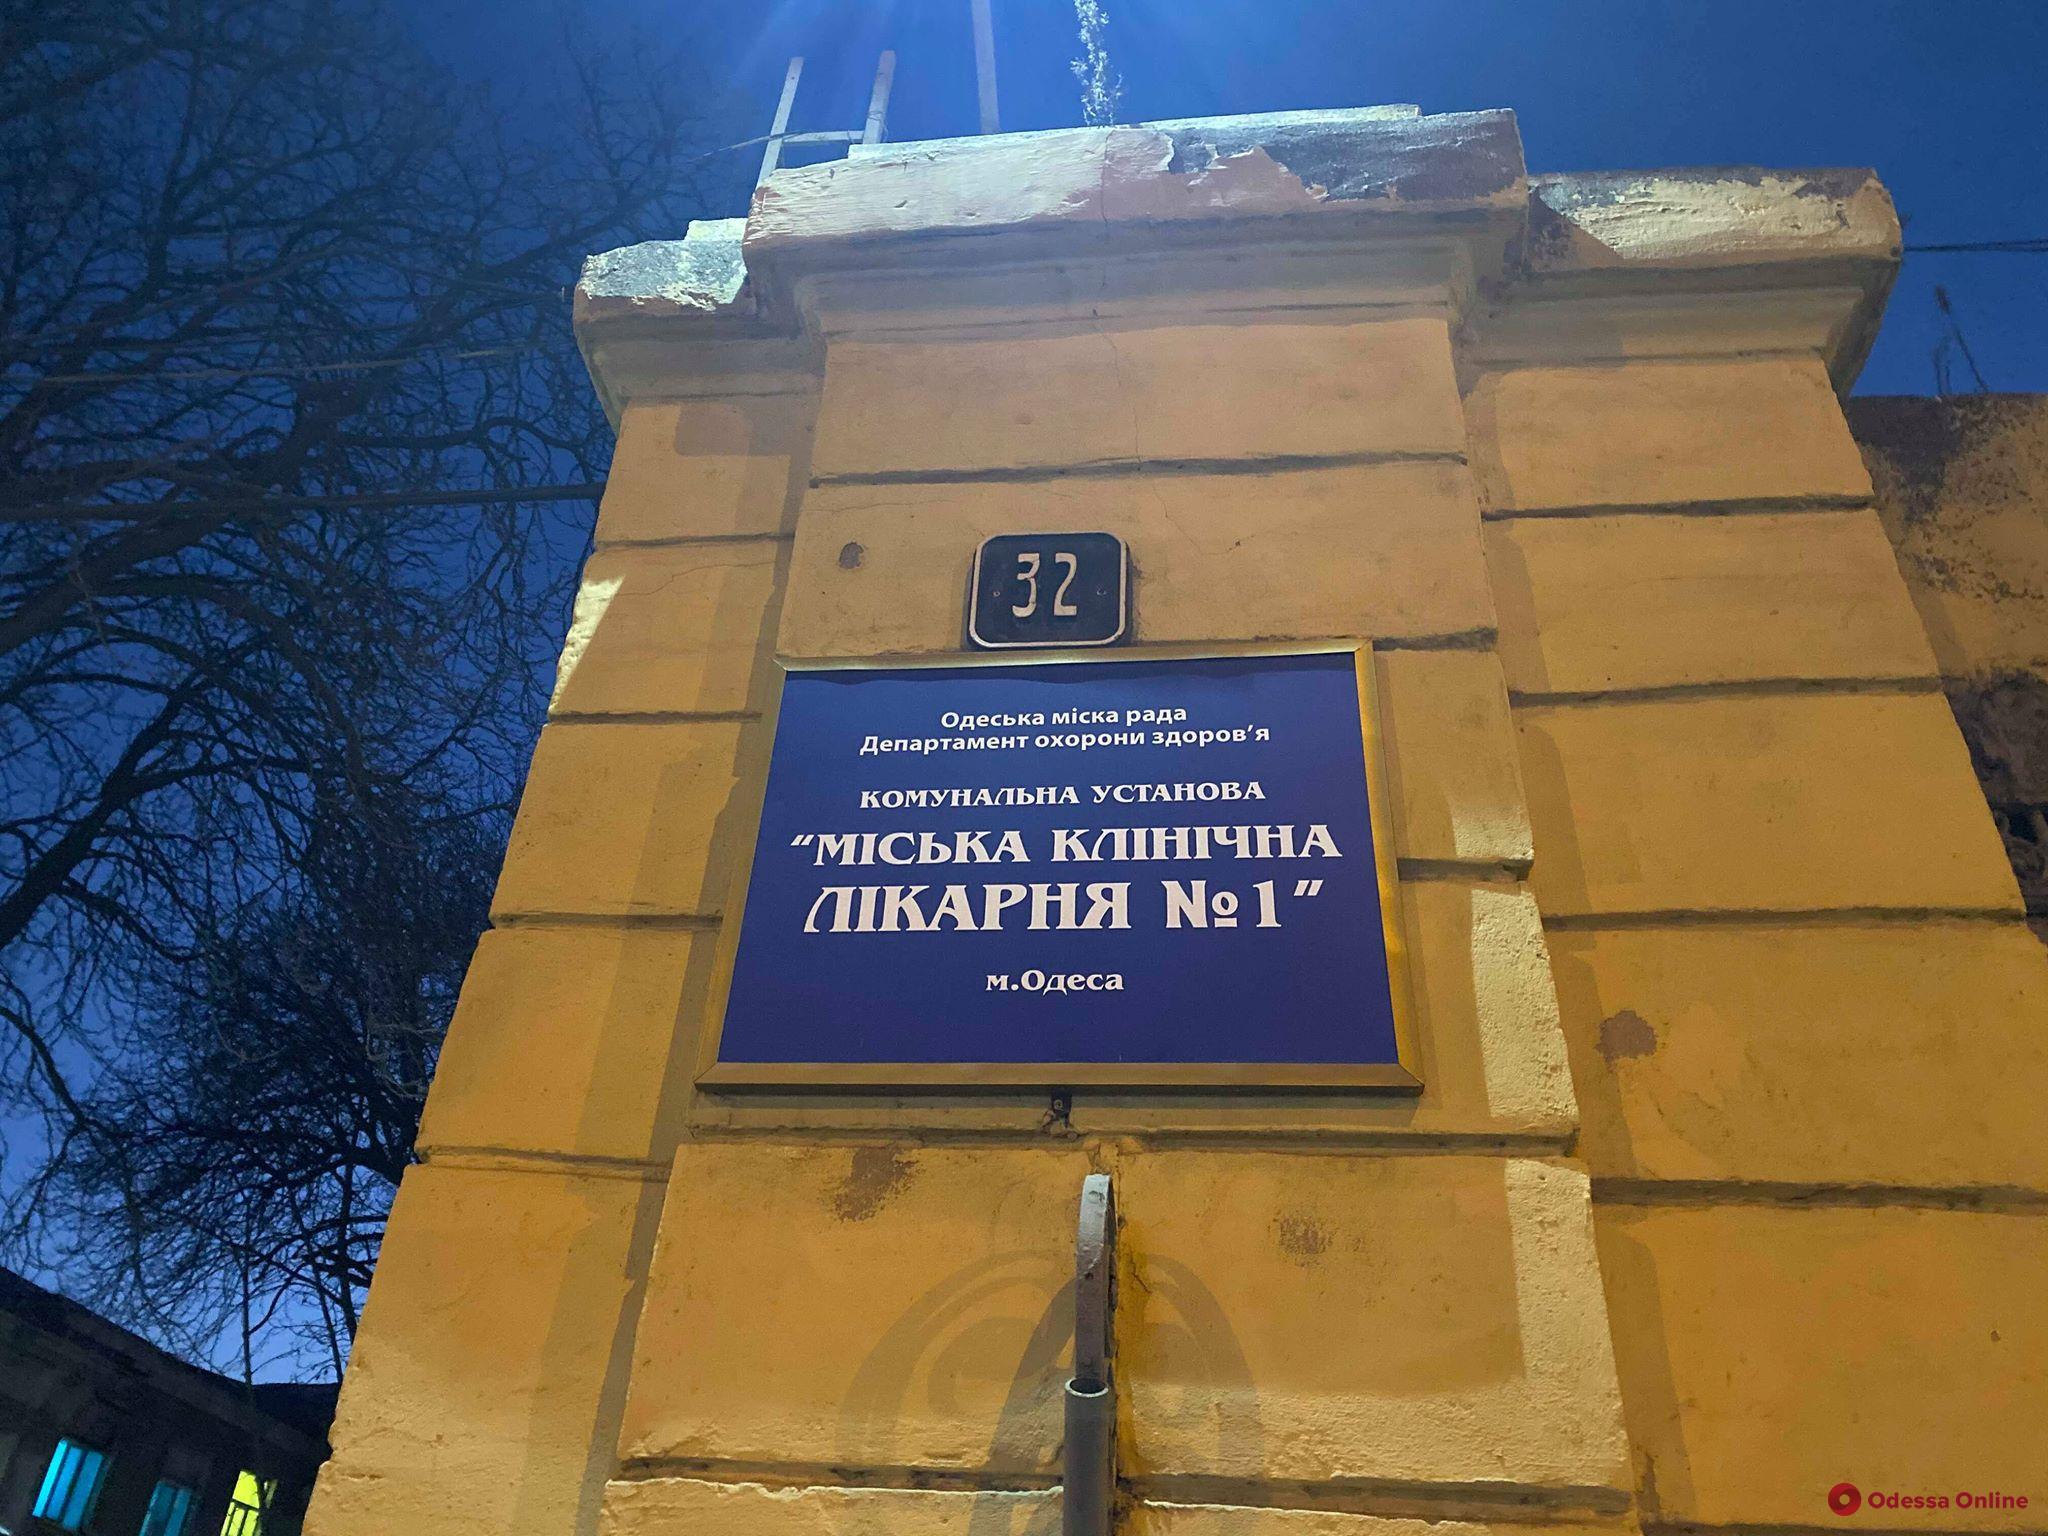 Пожар на Троицкой: двое пострадавших находятся в реанимации